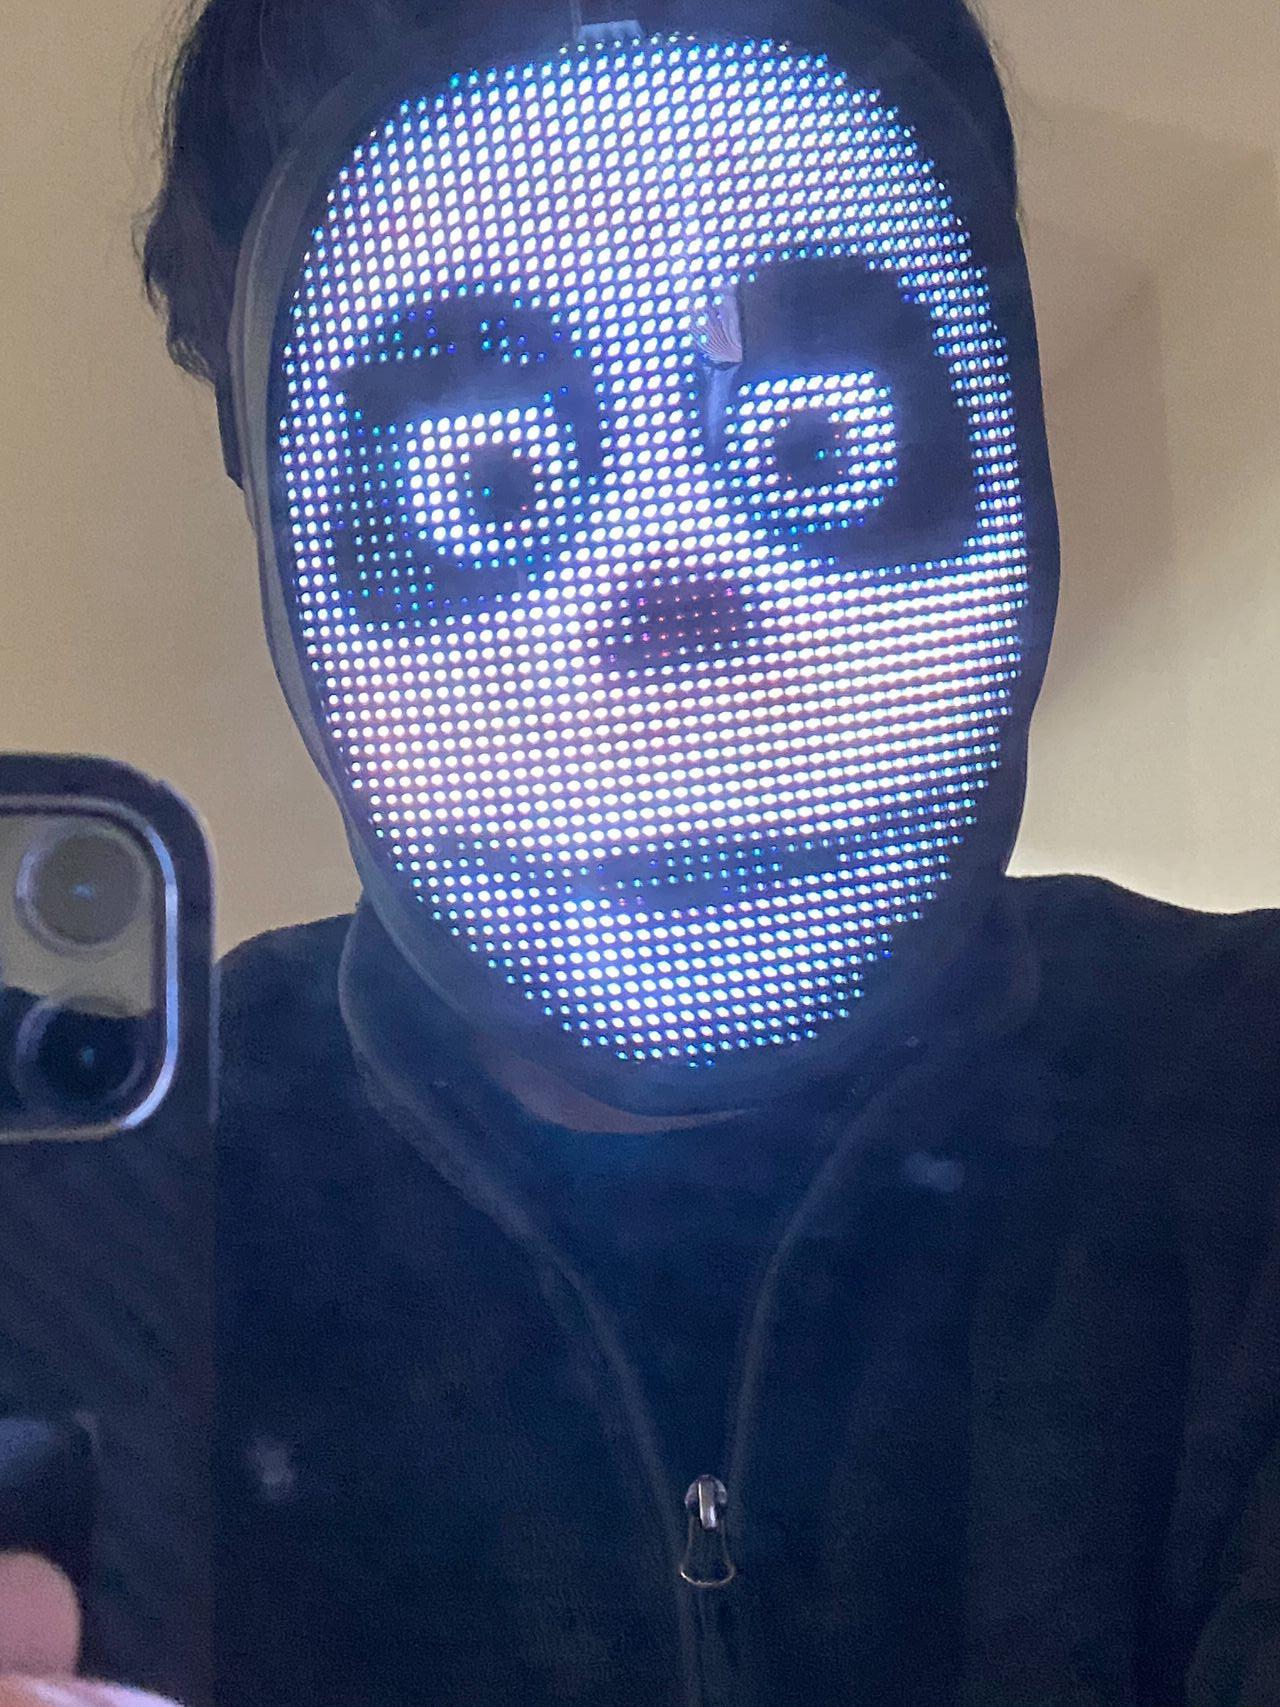 LEDディスプレイ搭載のフェイスマスク「Shining Mask(シャイニングマスク)」を買ってみた 11